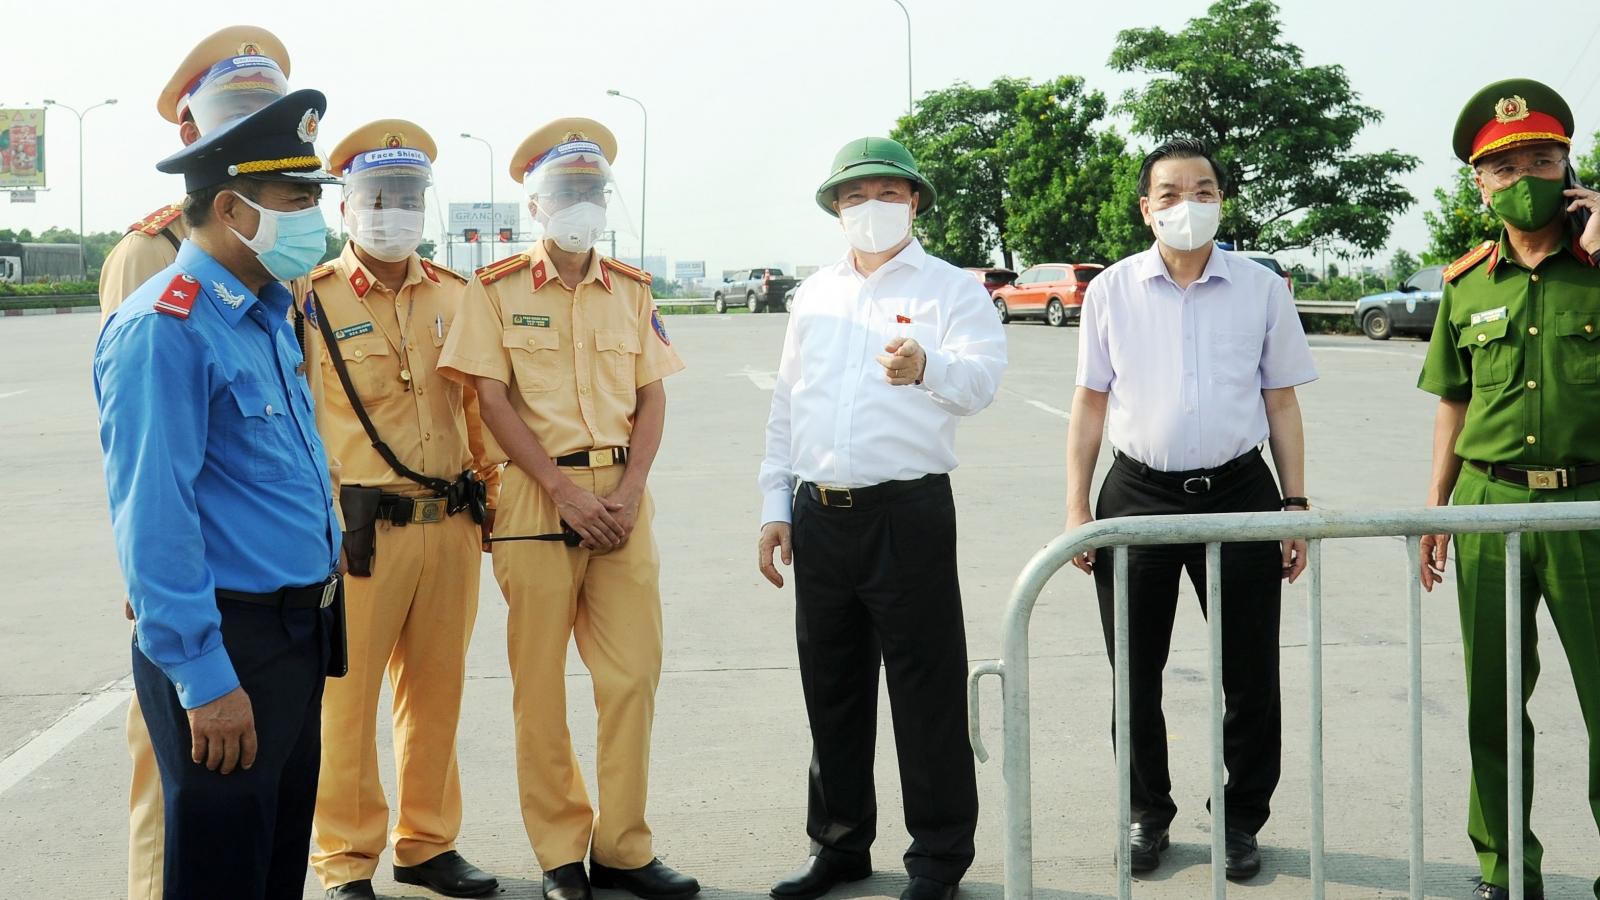 Lãnh đạo Hà Nội trực tiếp kiểm tra phân luồng giao thông tại cửa ngõ Thủ đô